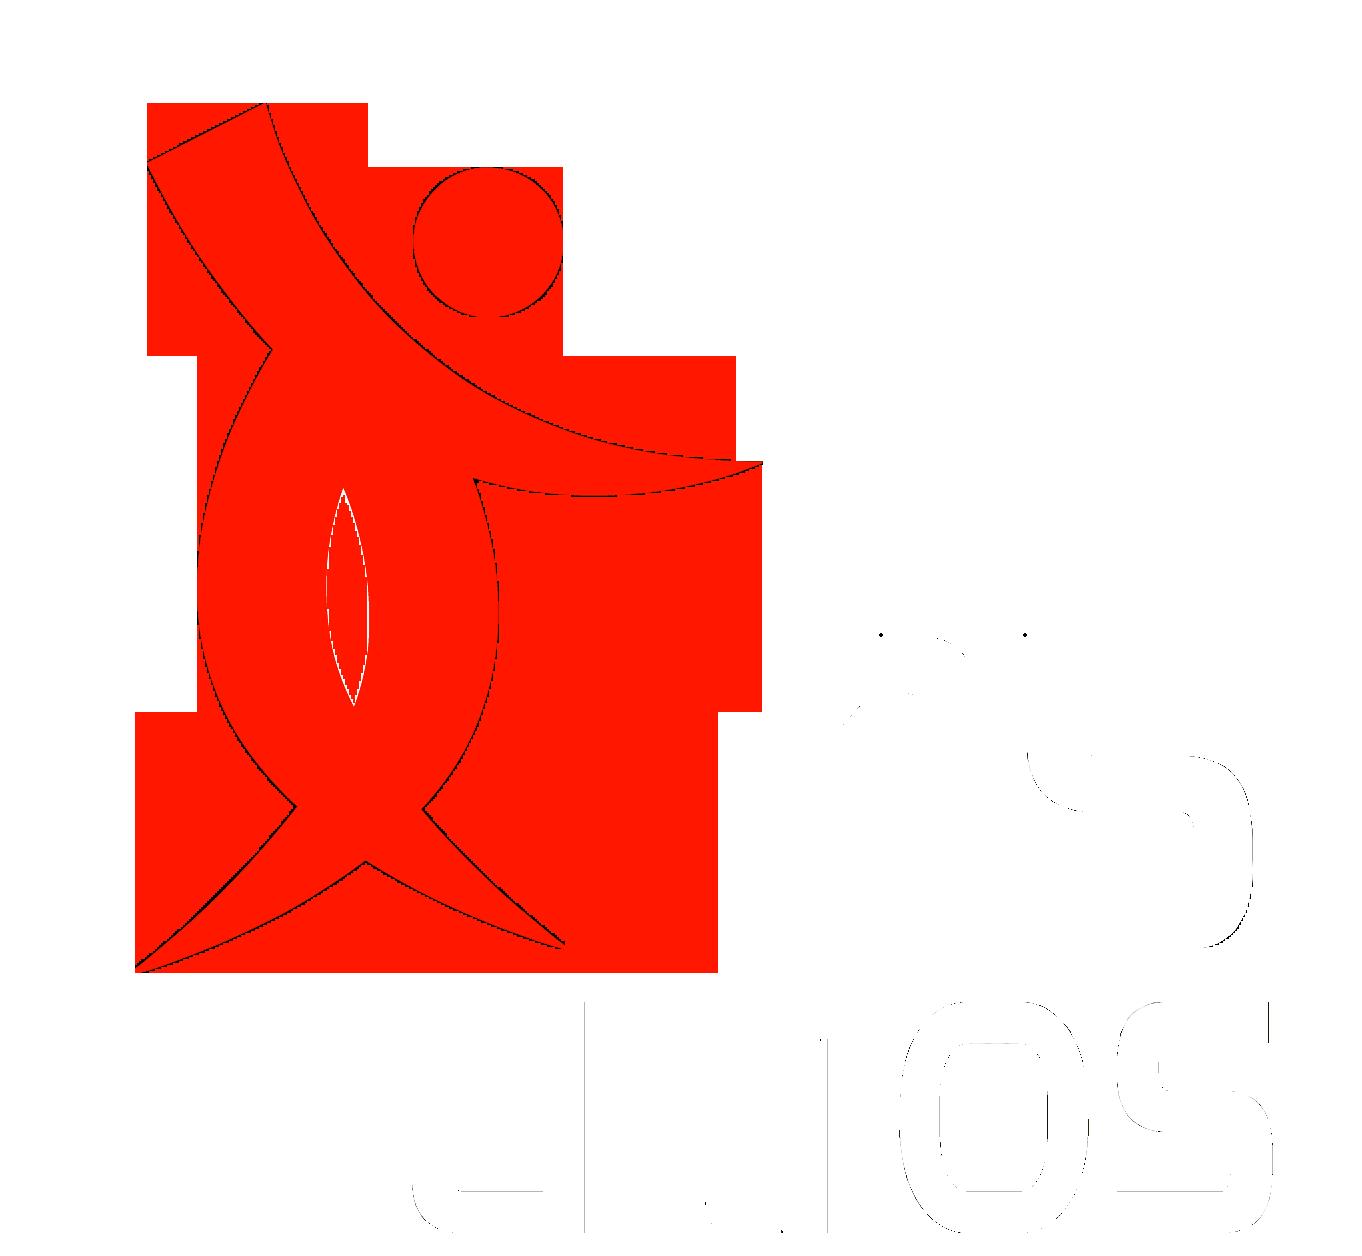 THUMOS Challenge 2015